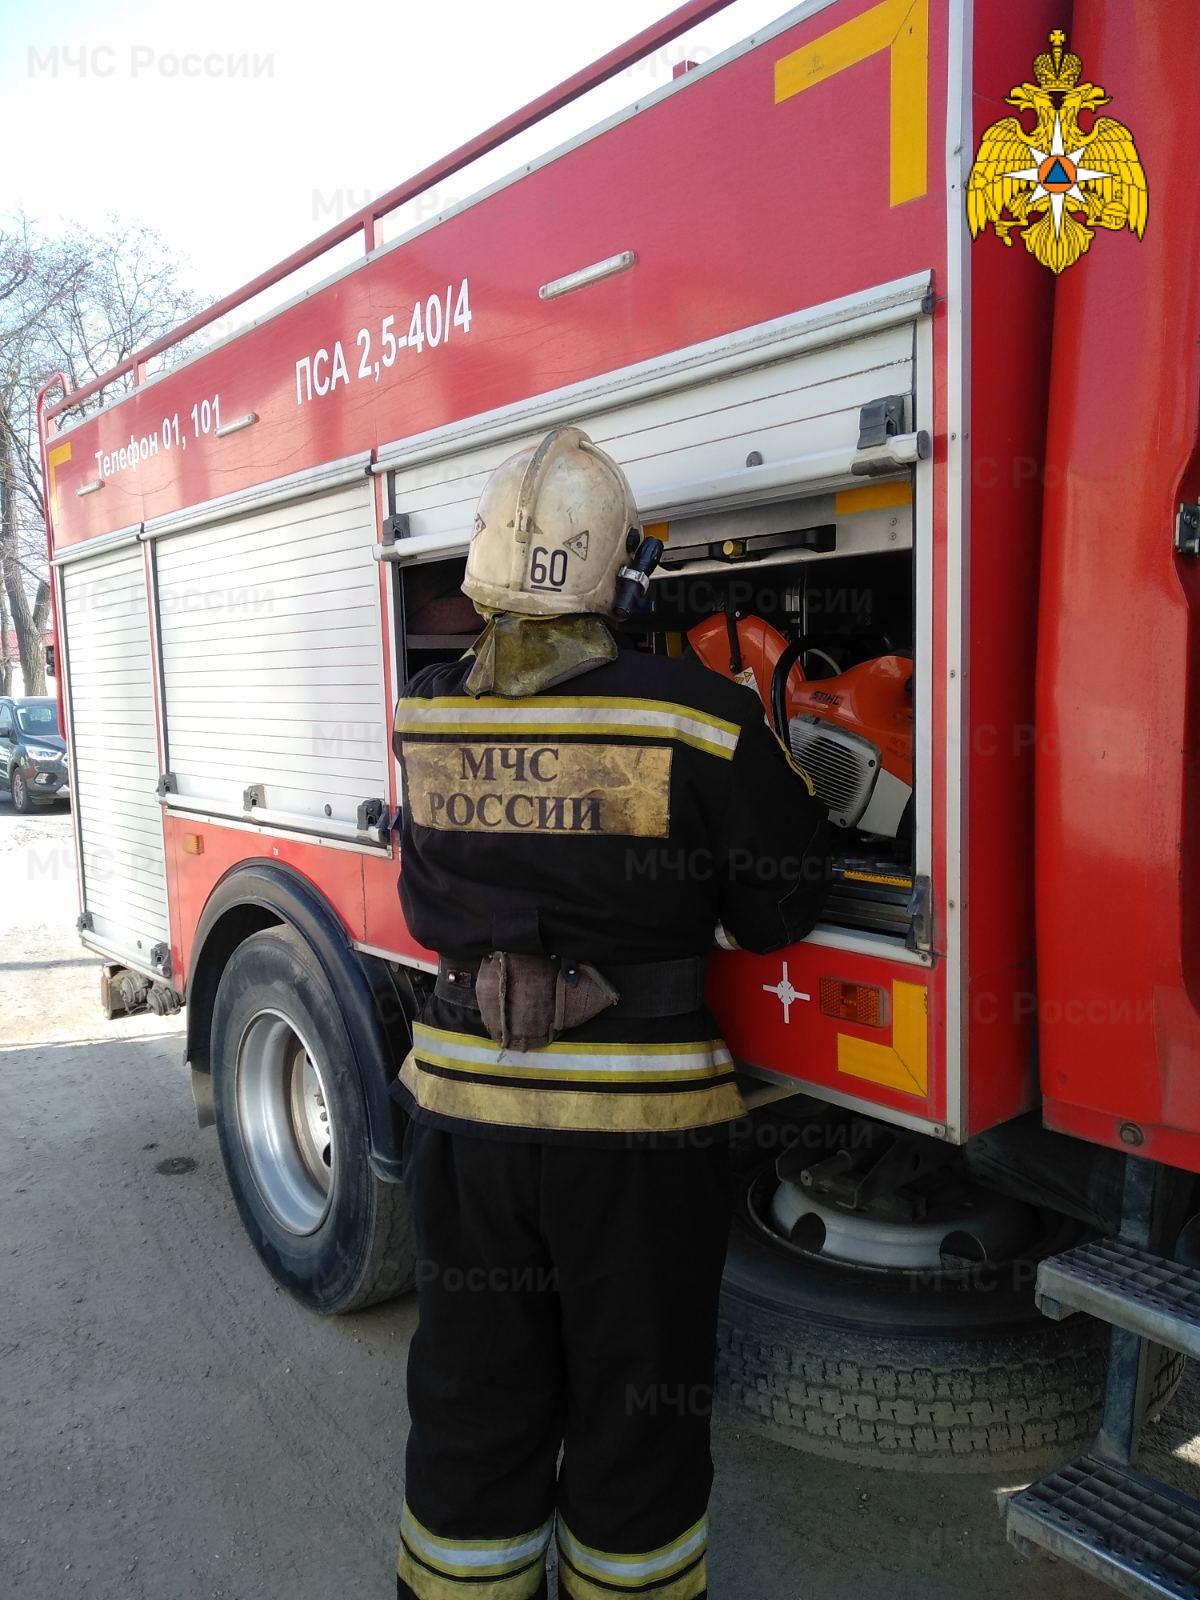 Спасатели МЧС принимали участие в ликвидации ДТП в г. Обнинск, ул. Борисоглебская